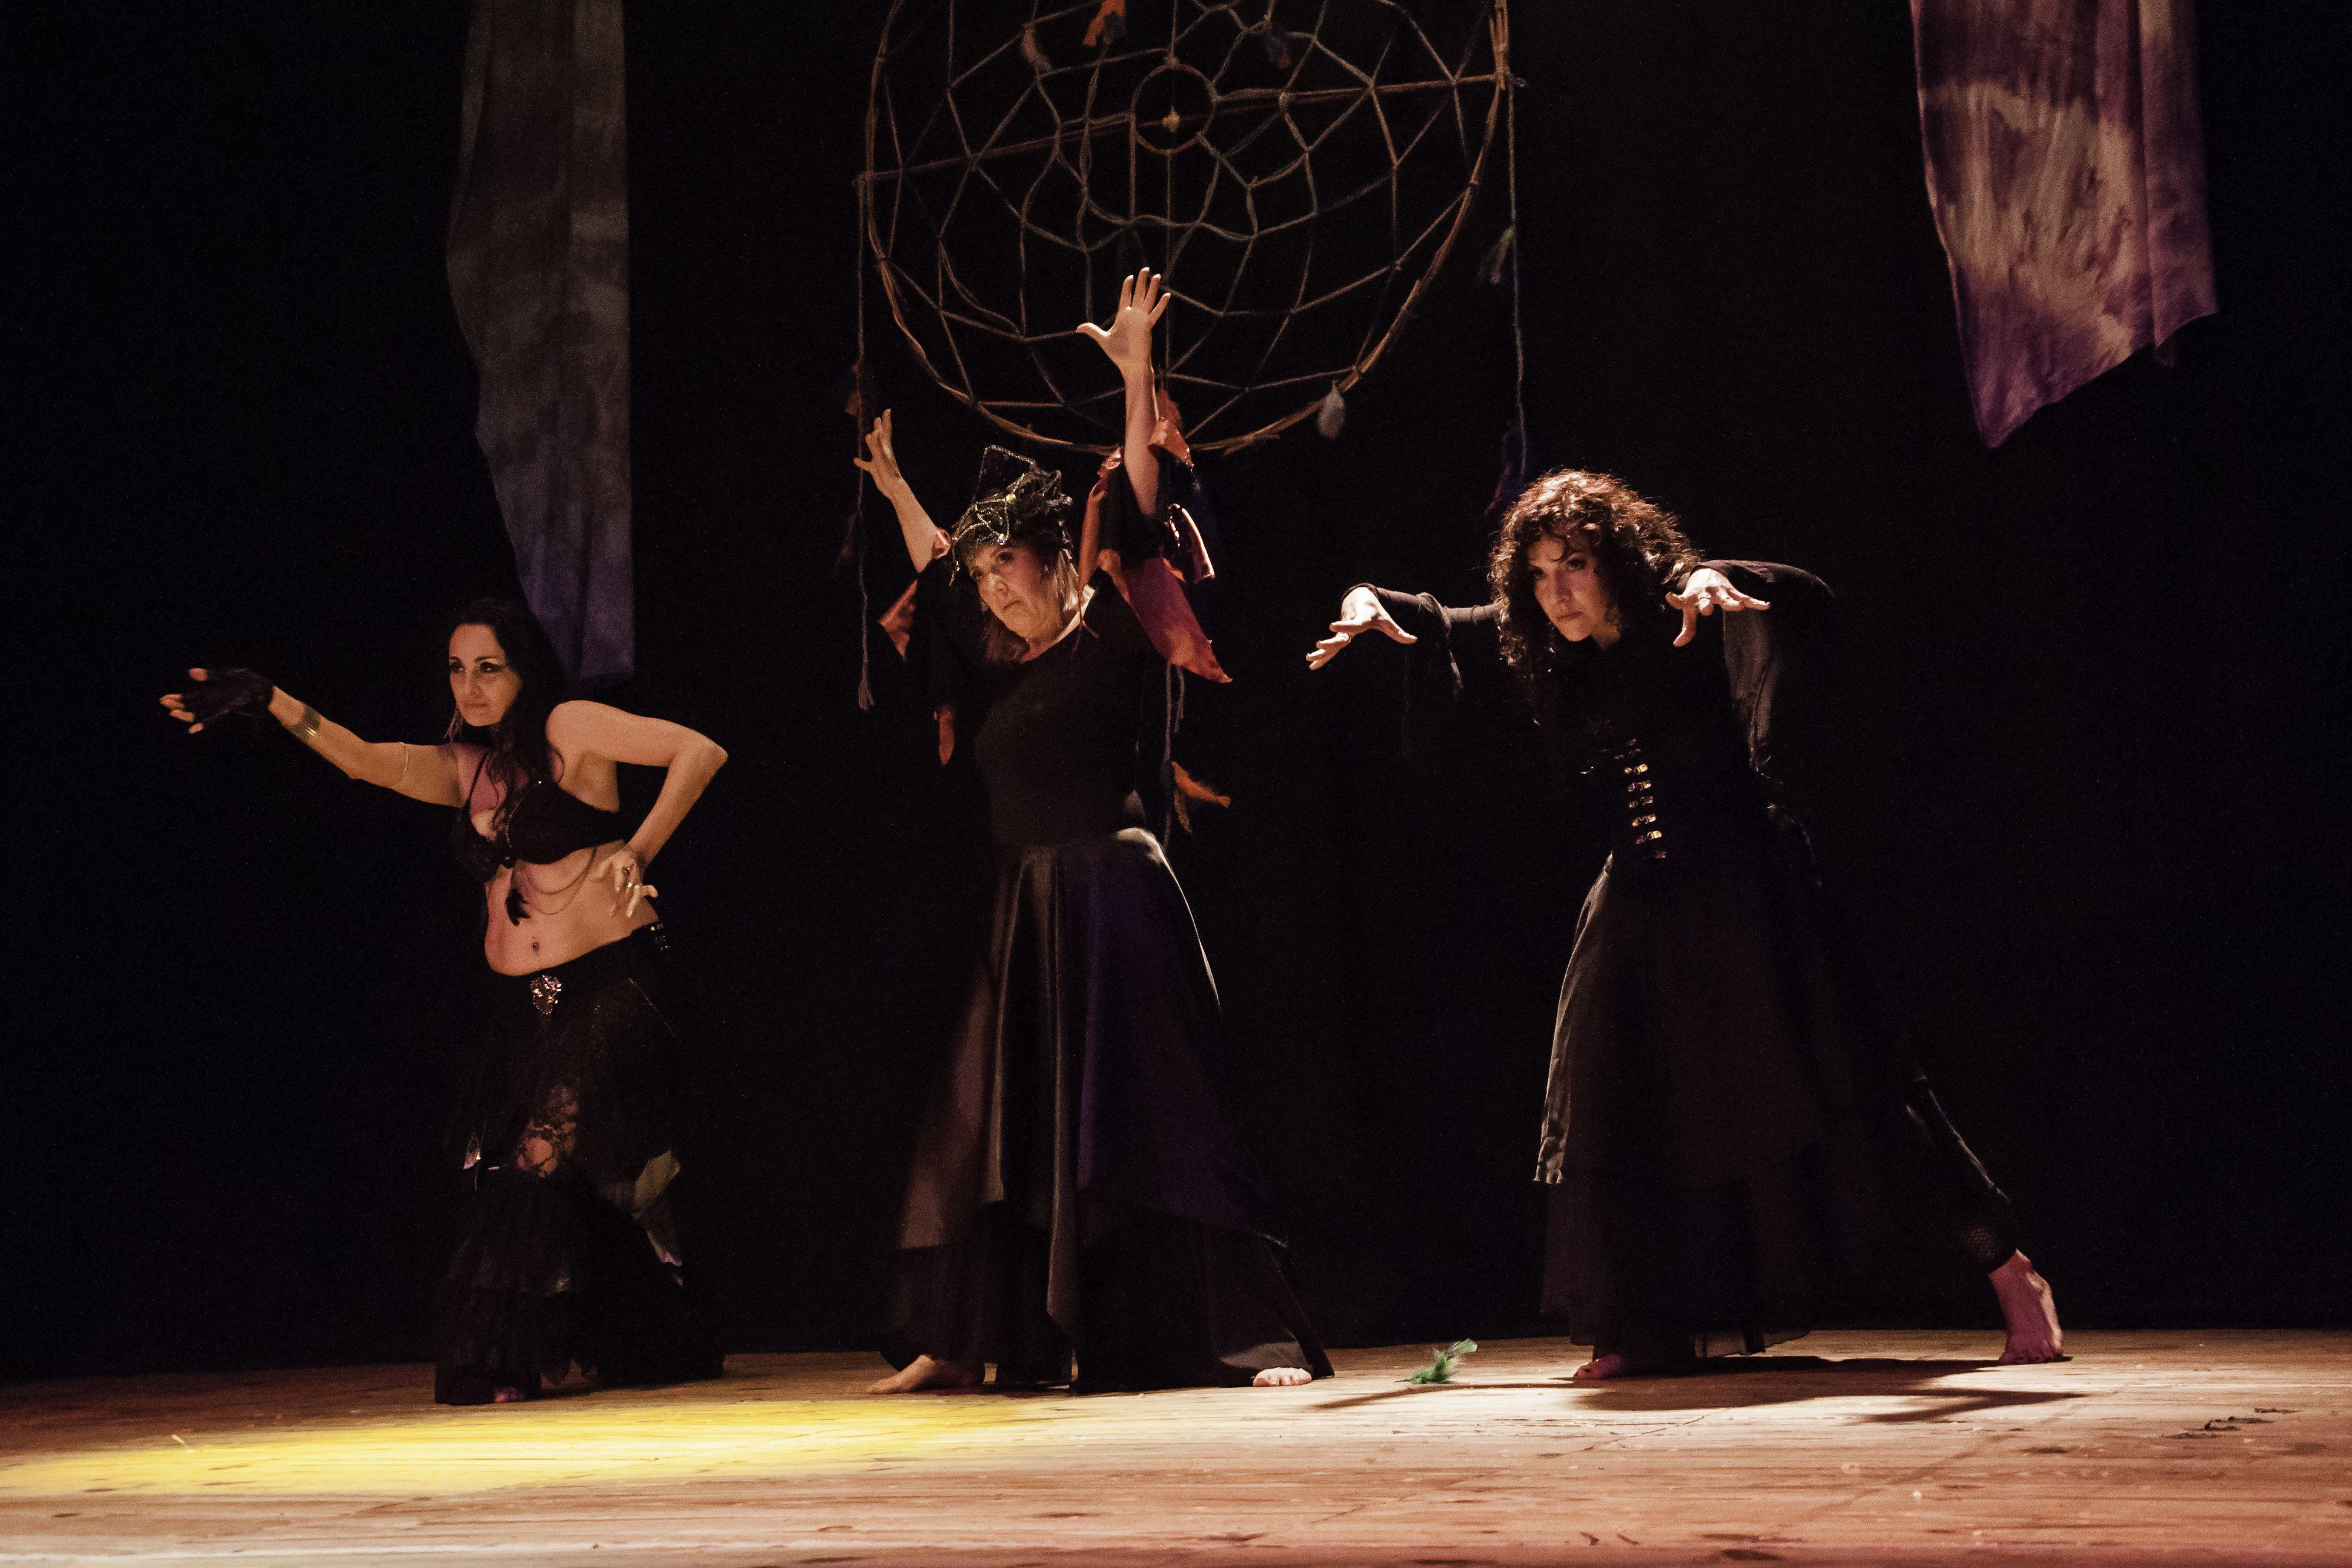 Fantasma De La Opera El Fantasma De La Opera Fantasma ópera